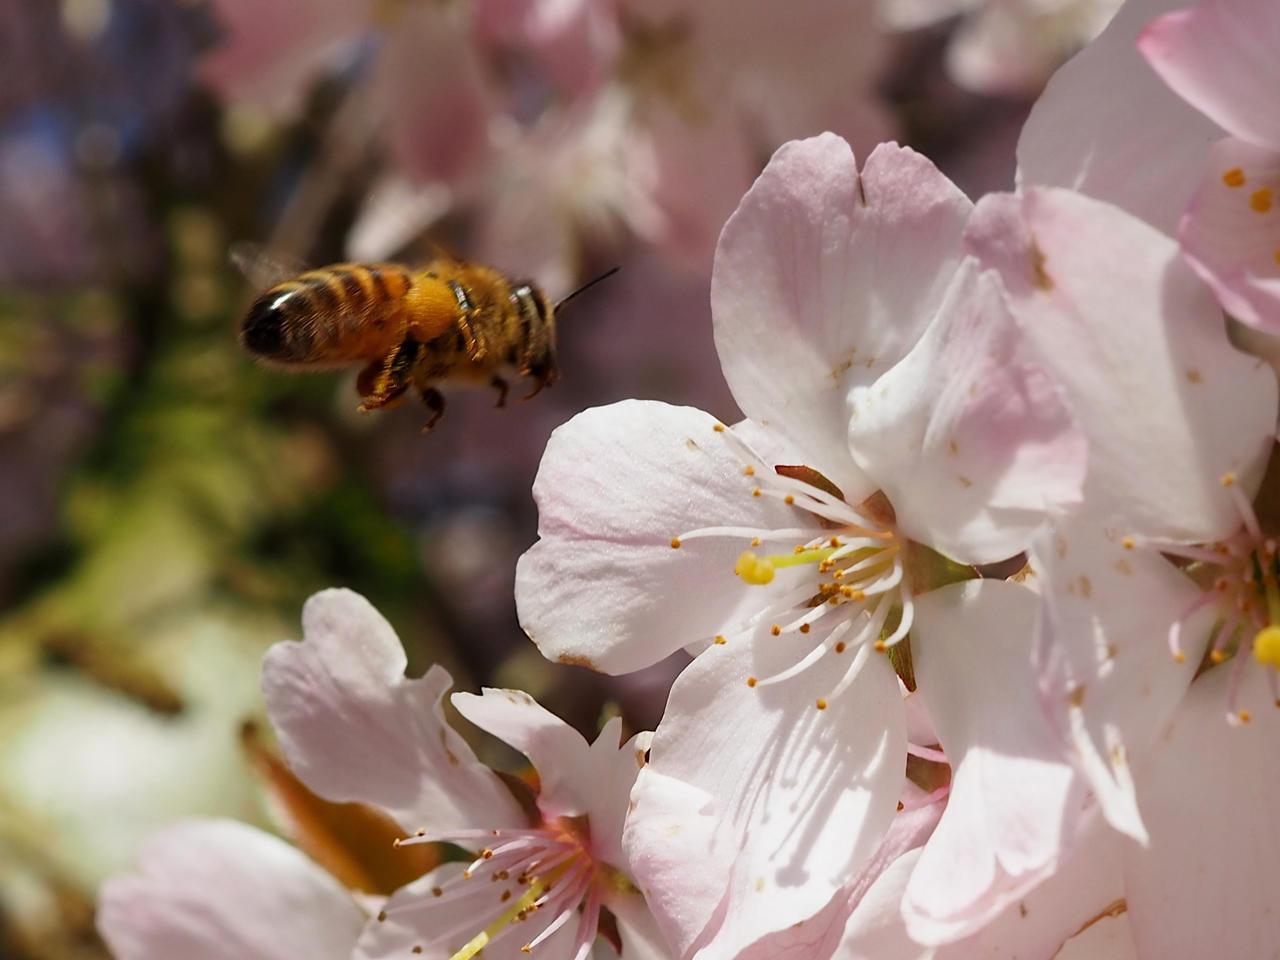 A bee in flight